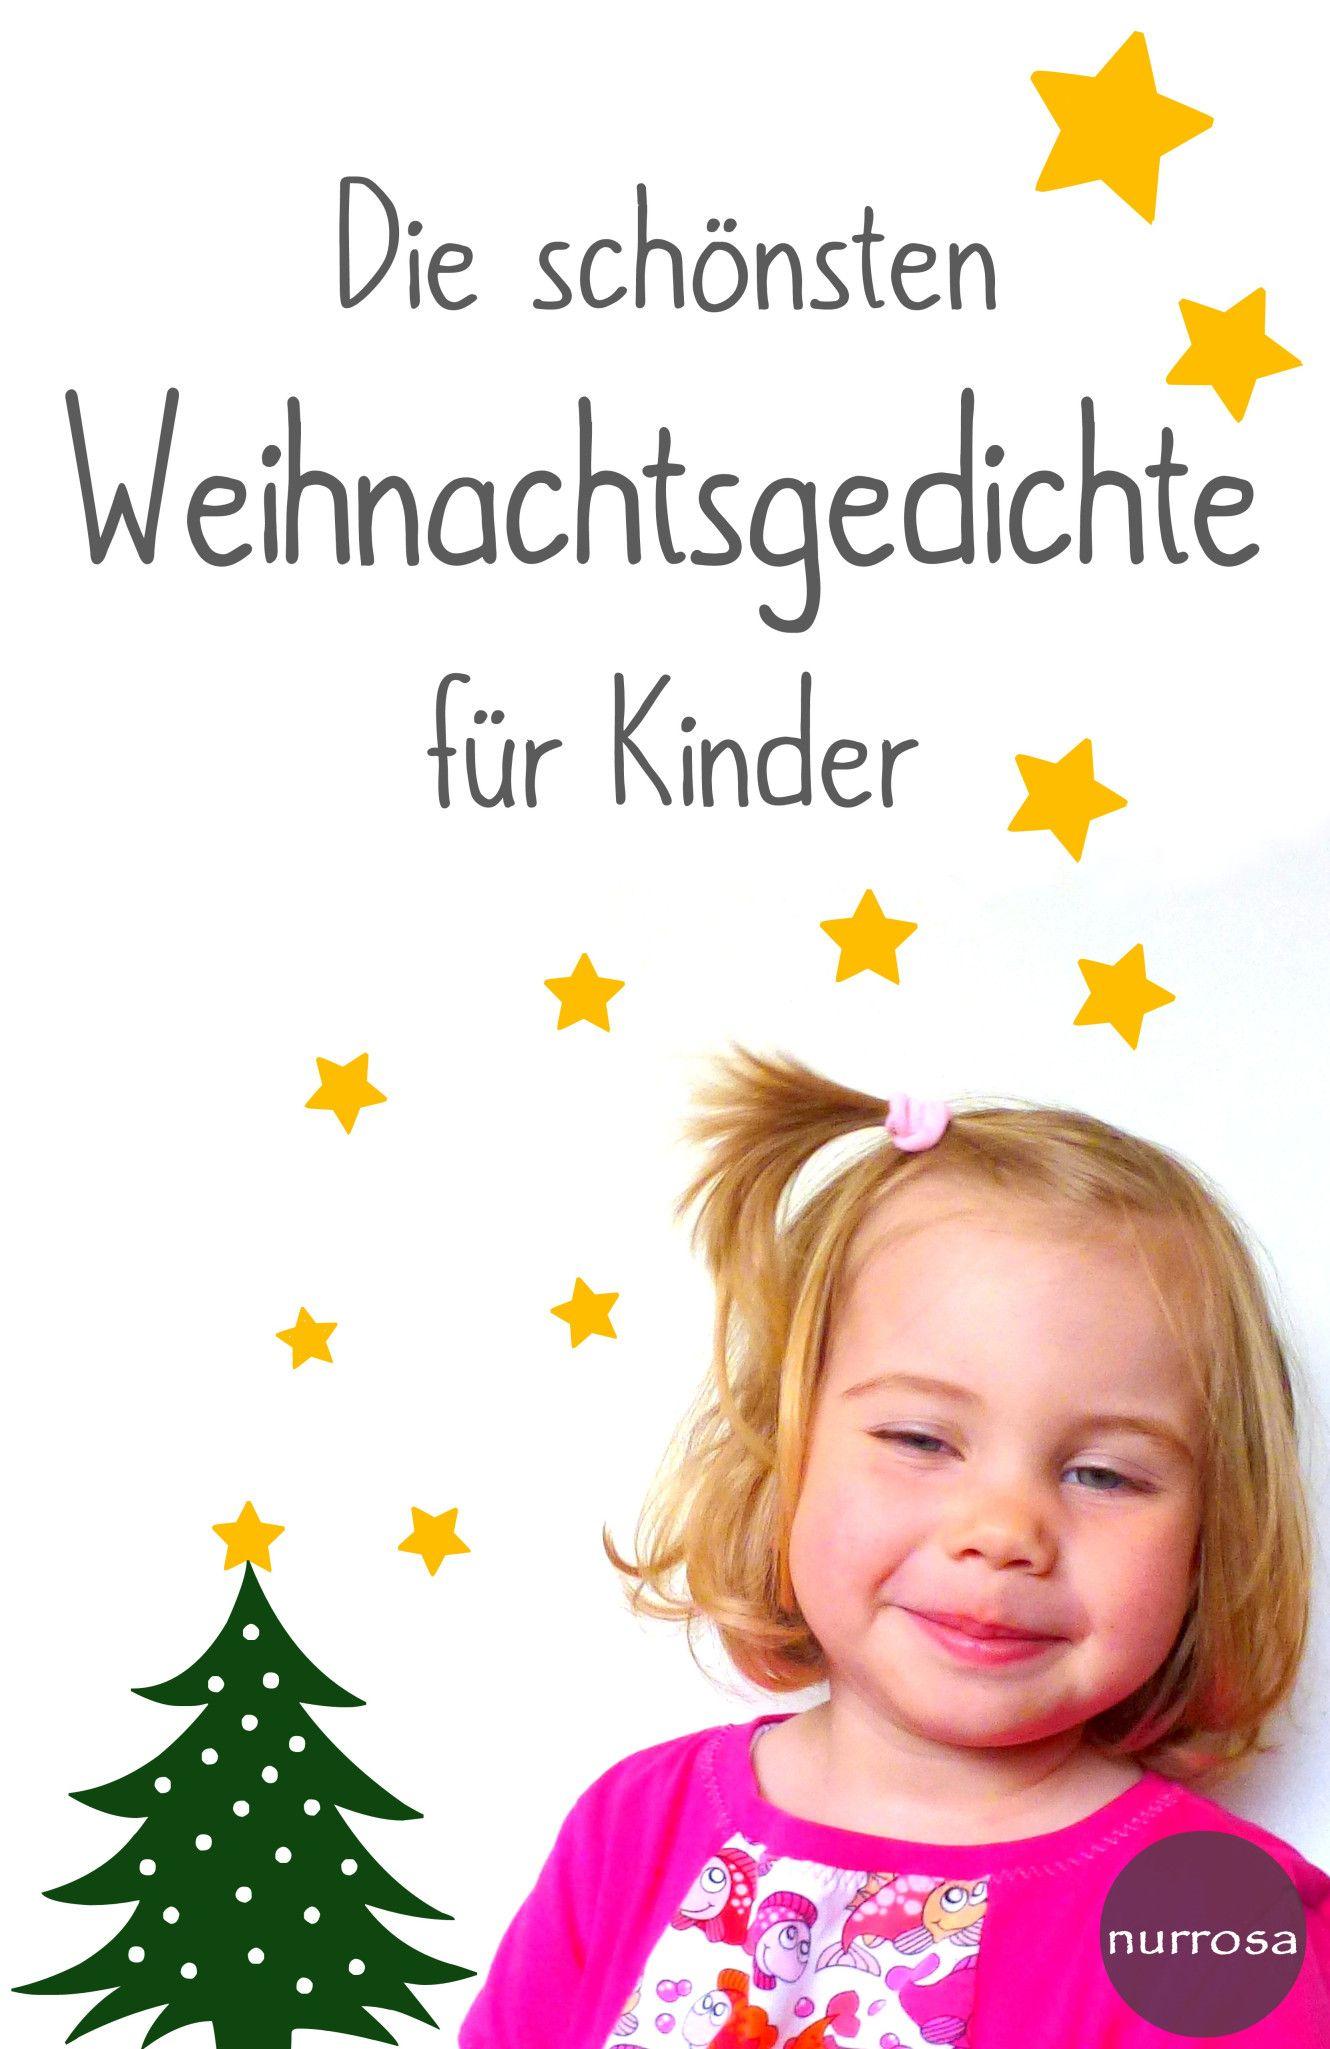 Die Schönsten Weihnachtsgedichte Für Kinder (Mit Bildern verwandt mit Weihnachtsgedichte Für Kindergarten